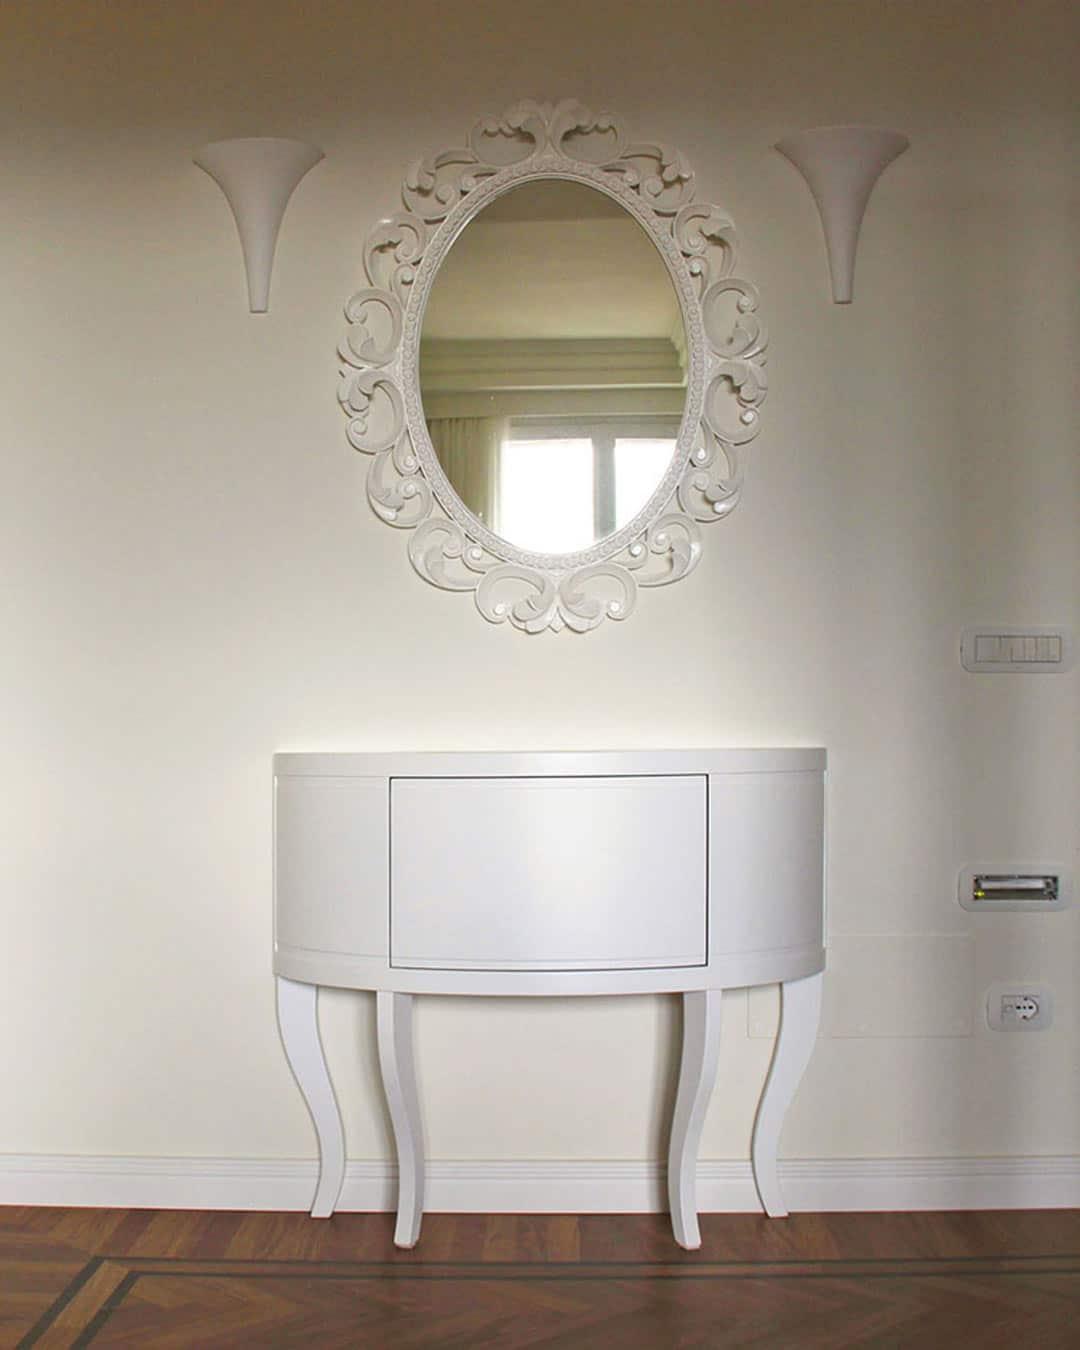 Mobile ingresso: Consolle classica contemporanea | JFD Milano Monza